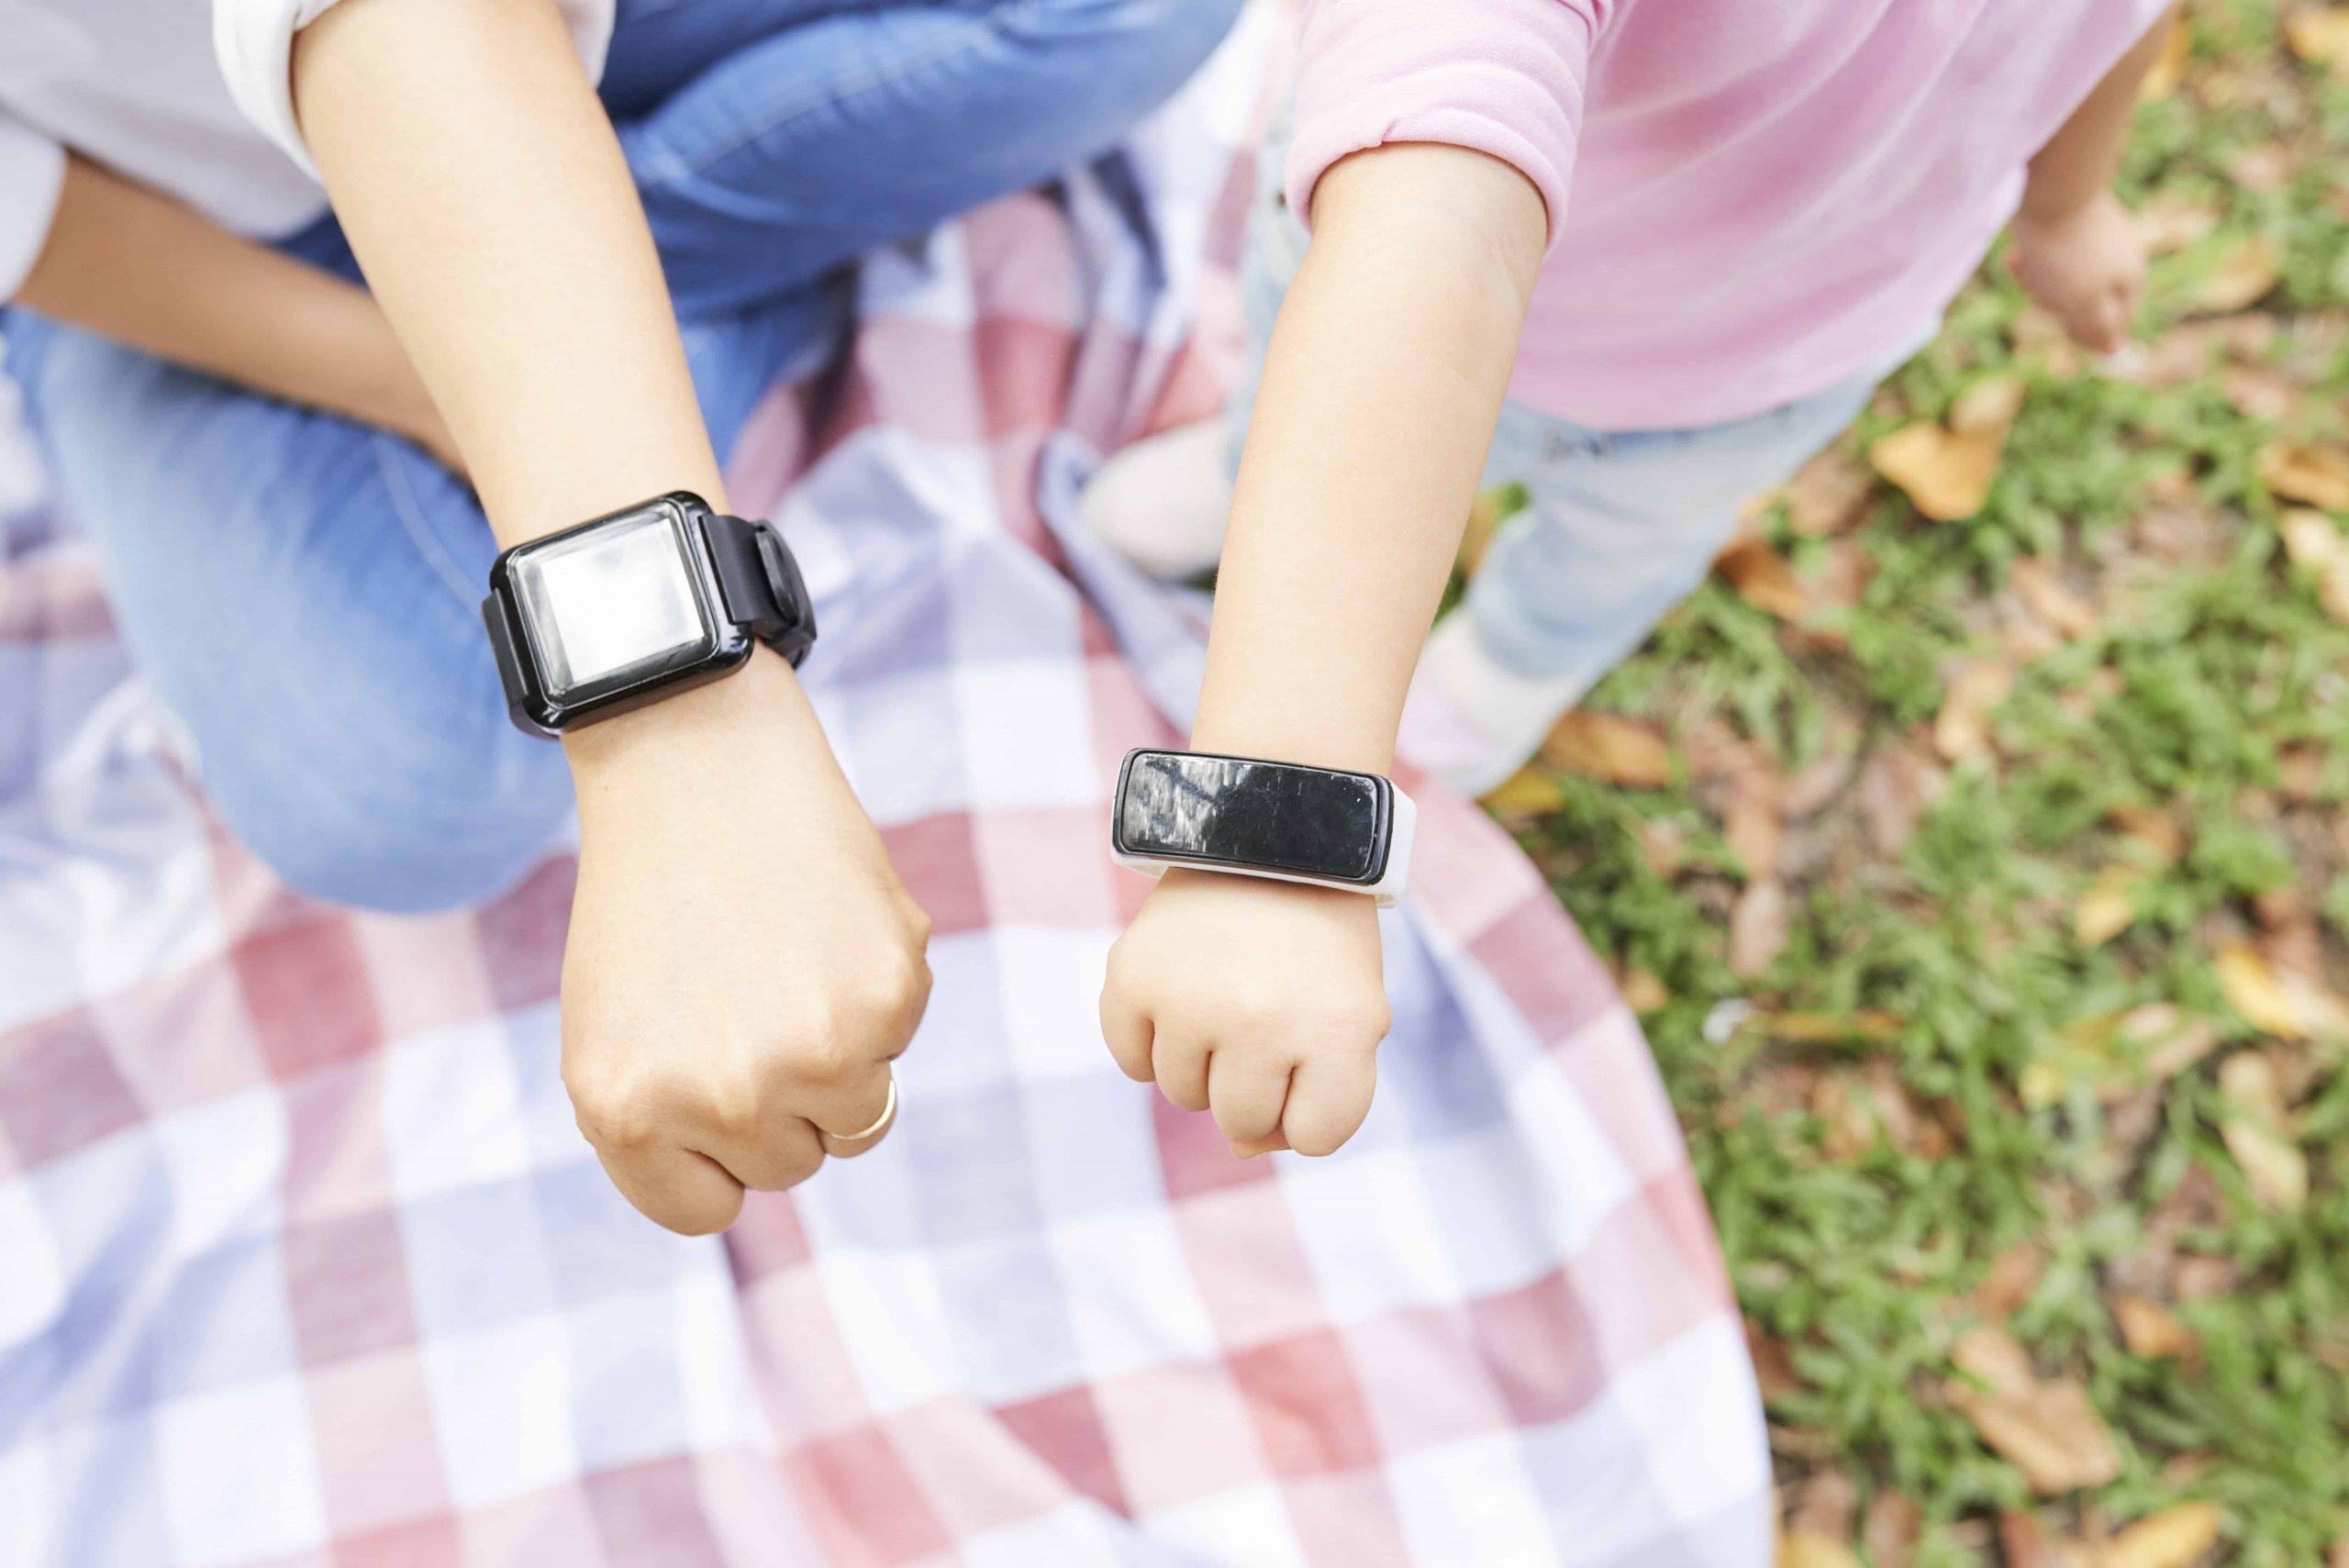 Miglior smartwatch bambini 2020: Guida all'acquisto